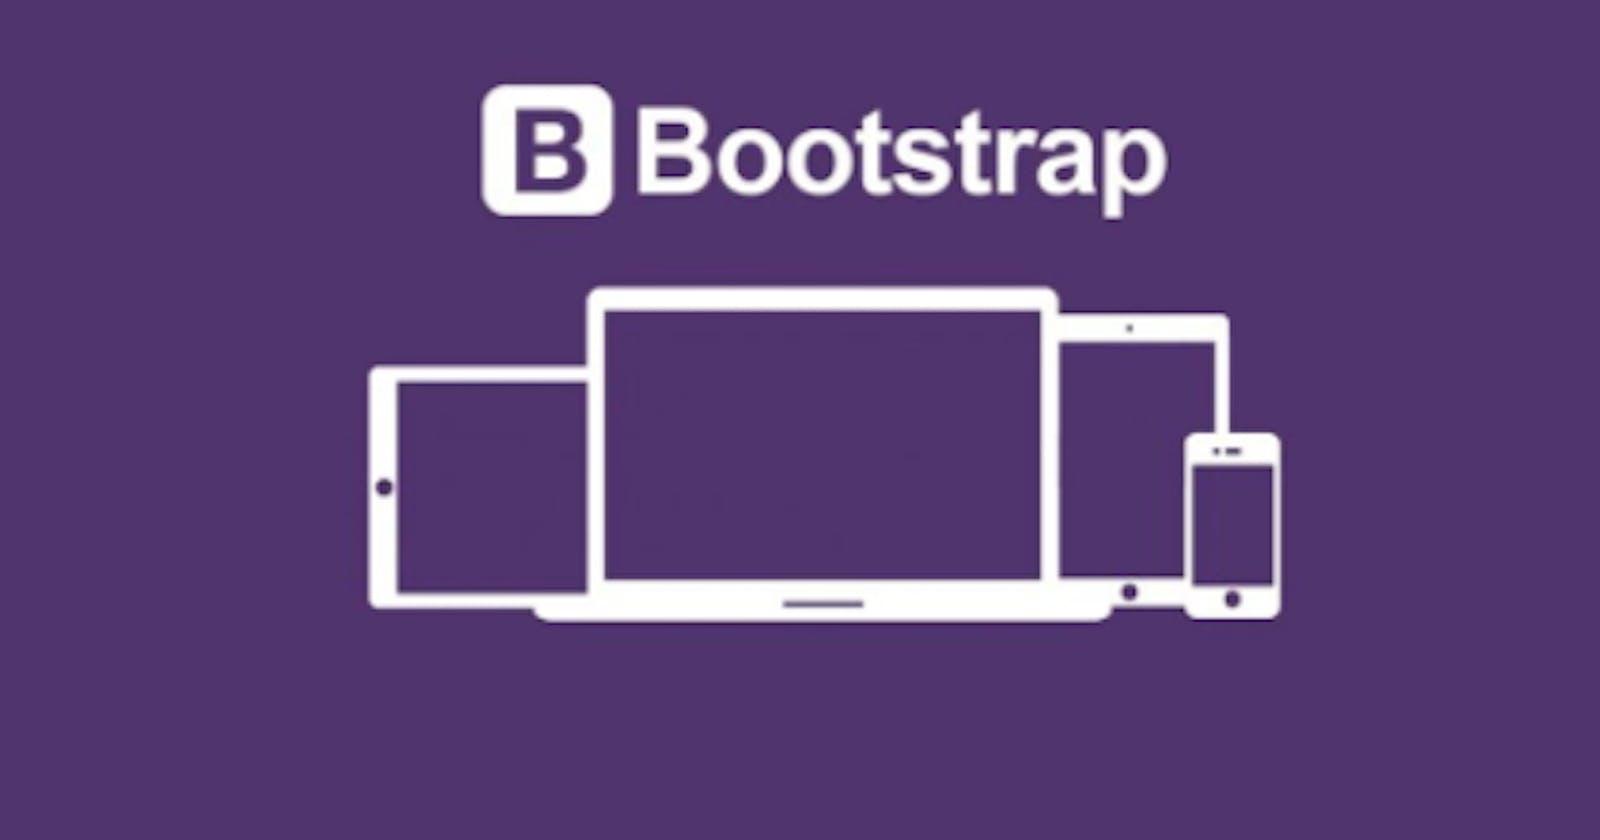 Bootstrap II 👀👀